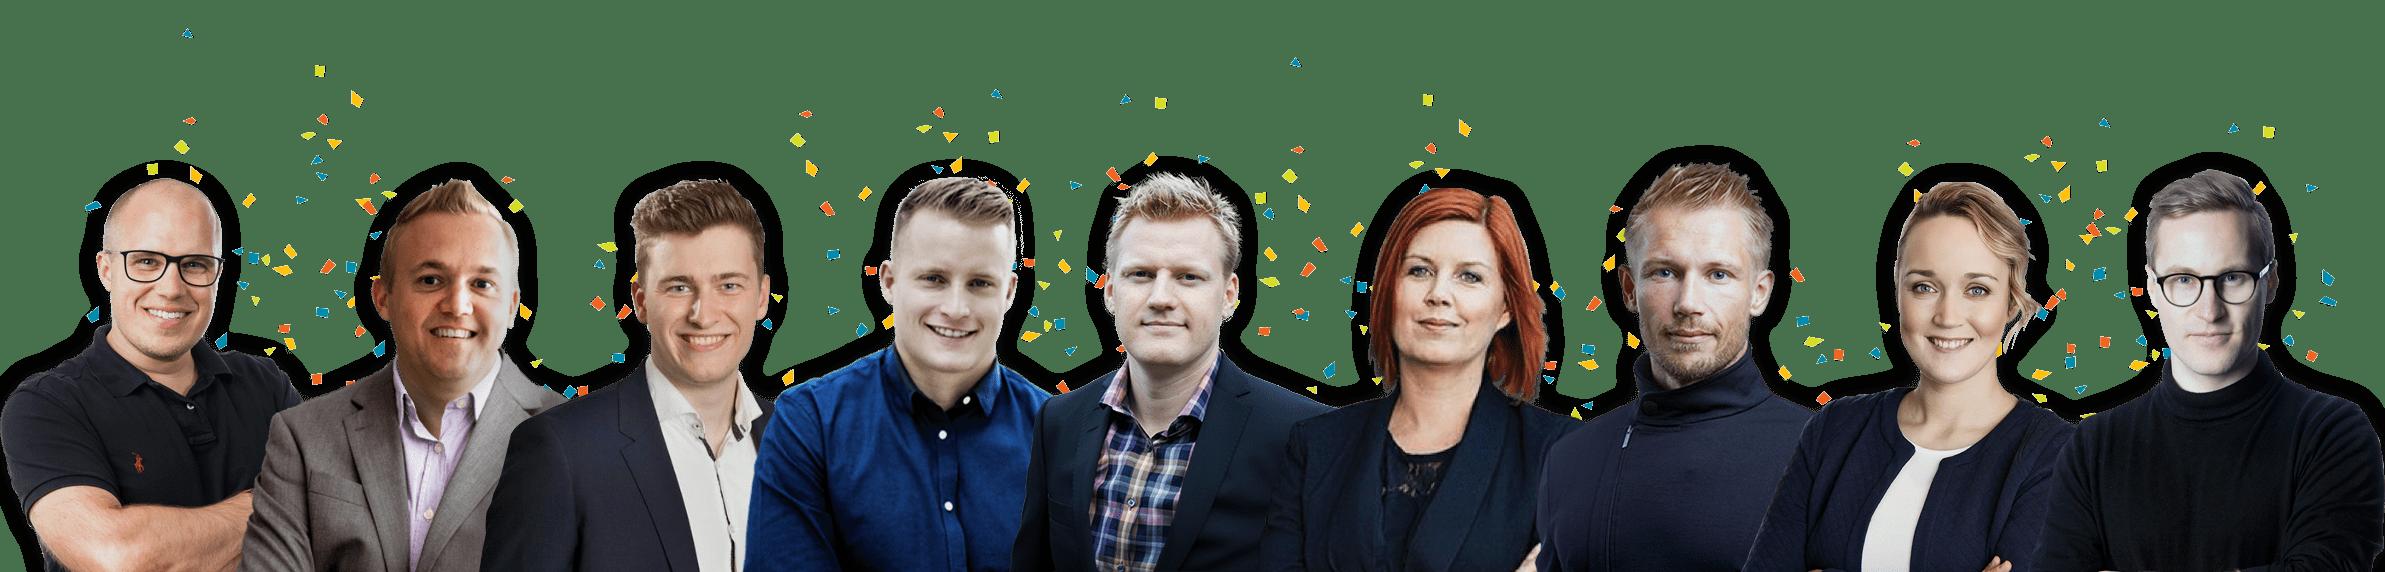 Eksperter i online markedsføring marketing kursus instruktører konfetti